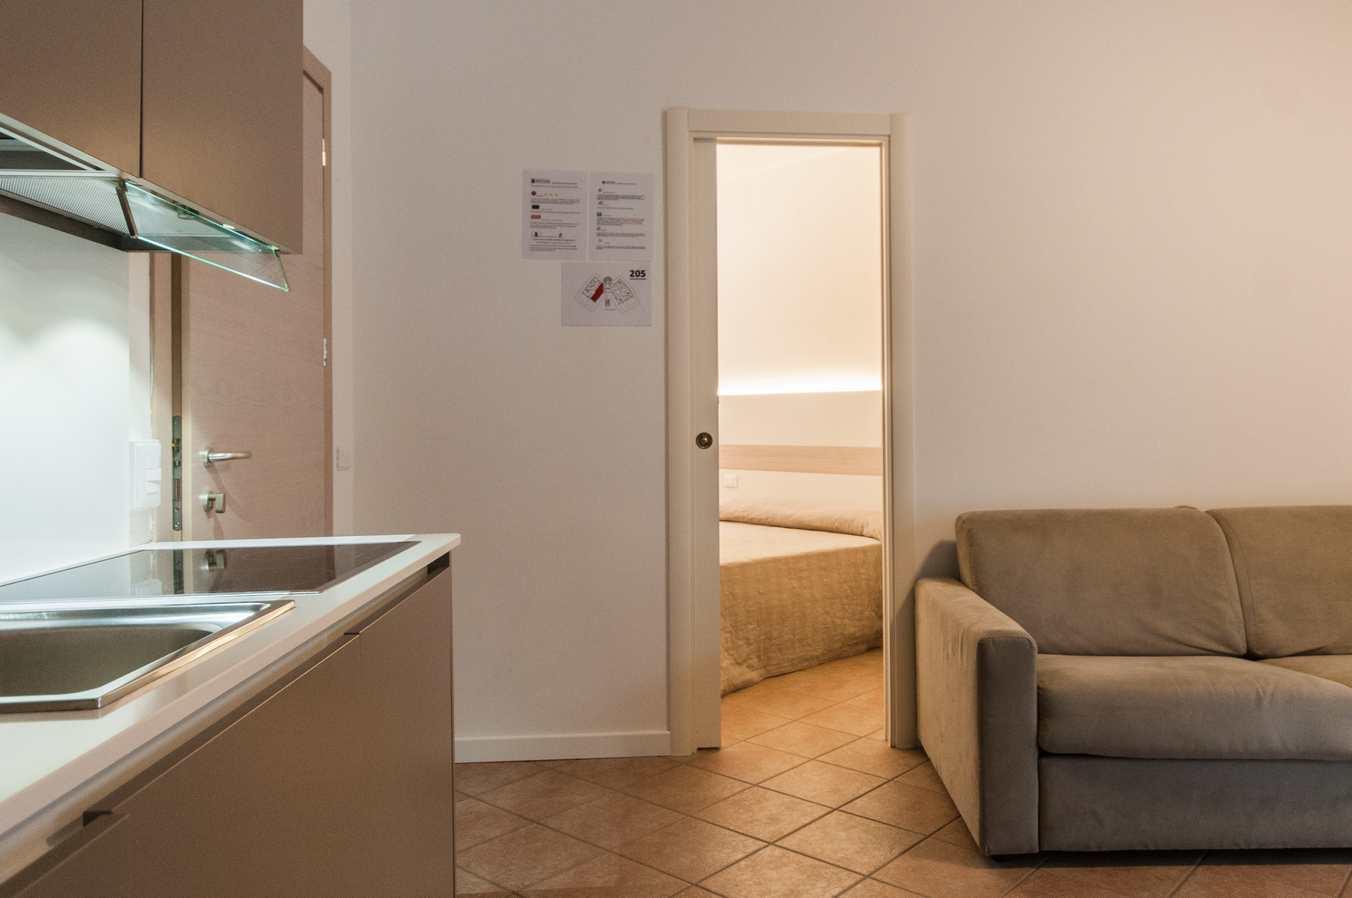 Foto Area Cucina - Residence Vacanze Milano Marittima - Appartamento Vacanze - Trilocale 205